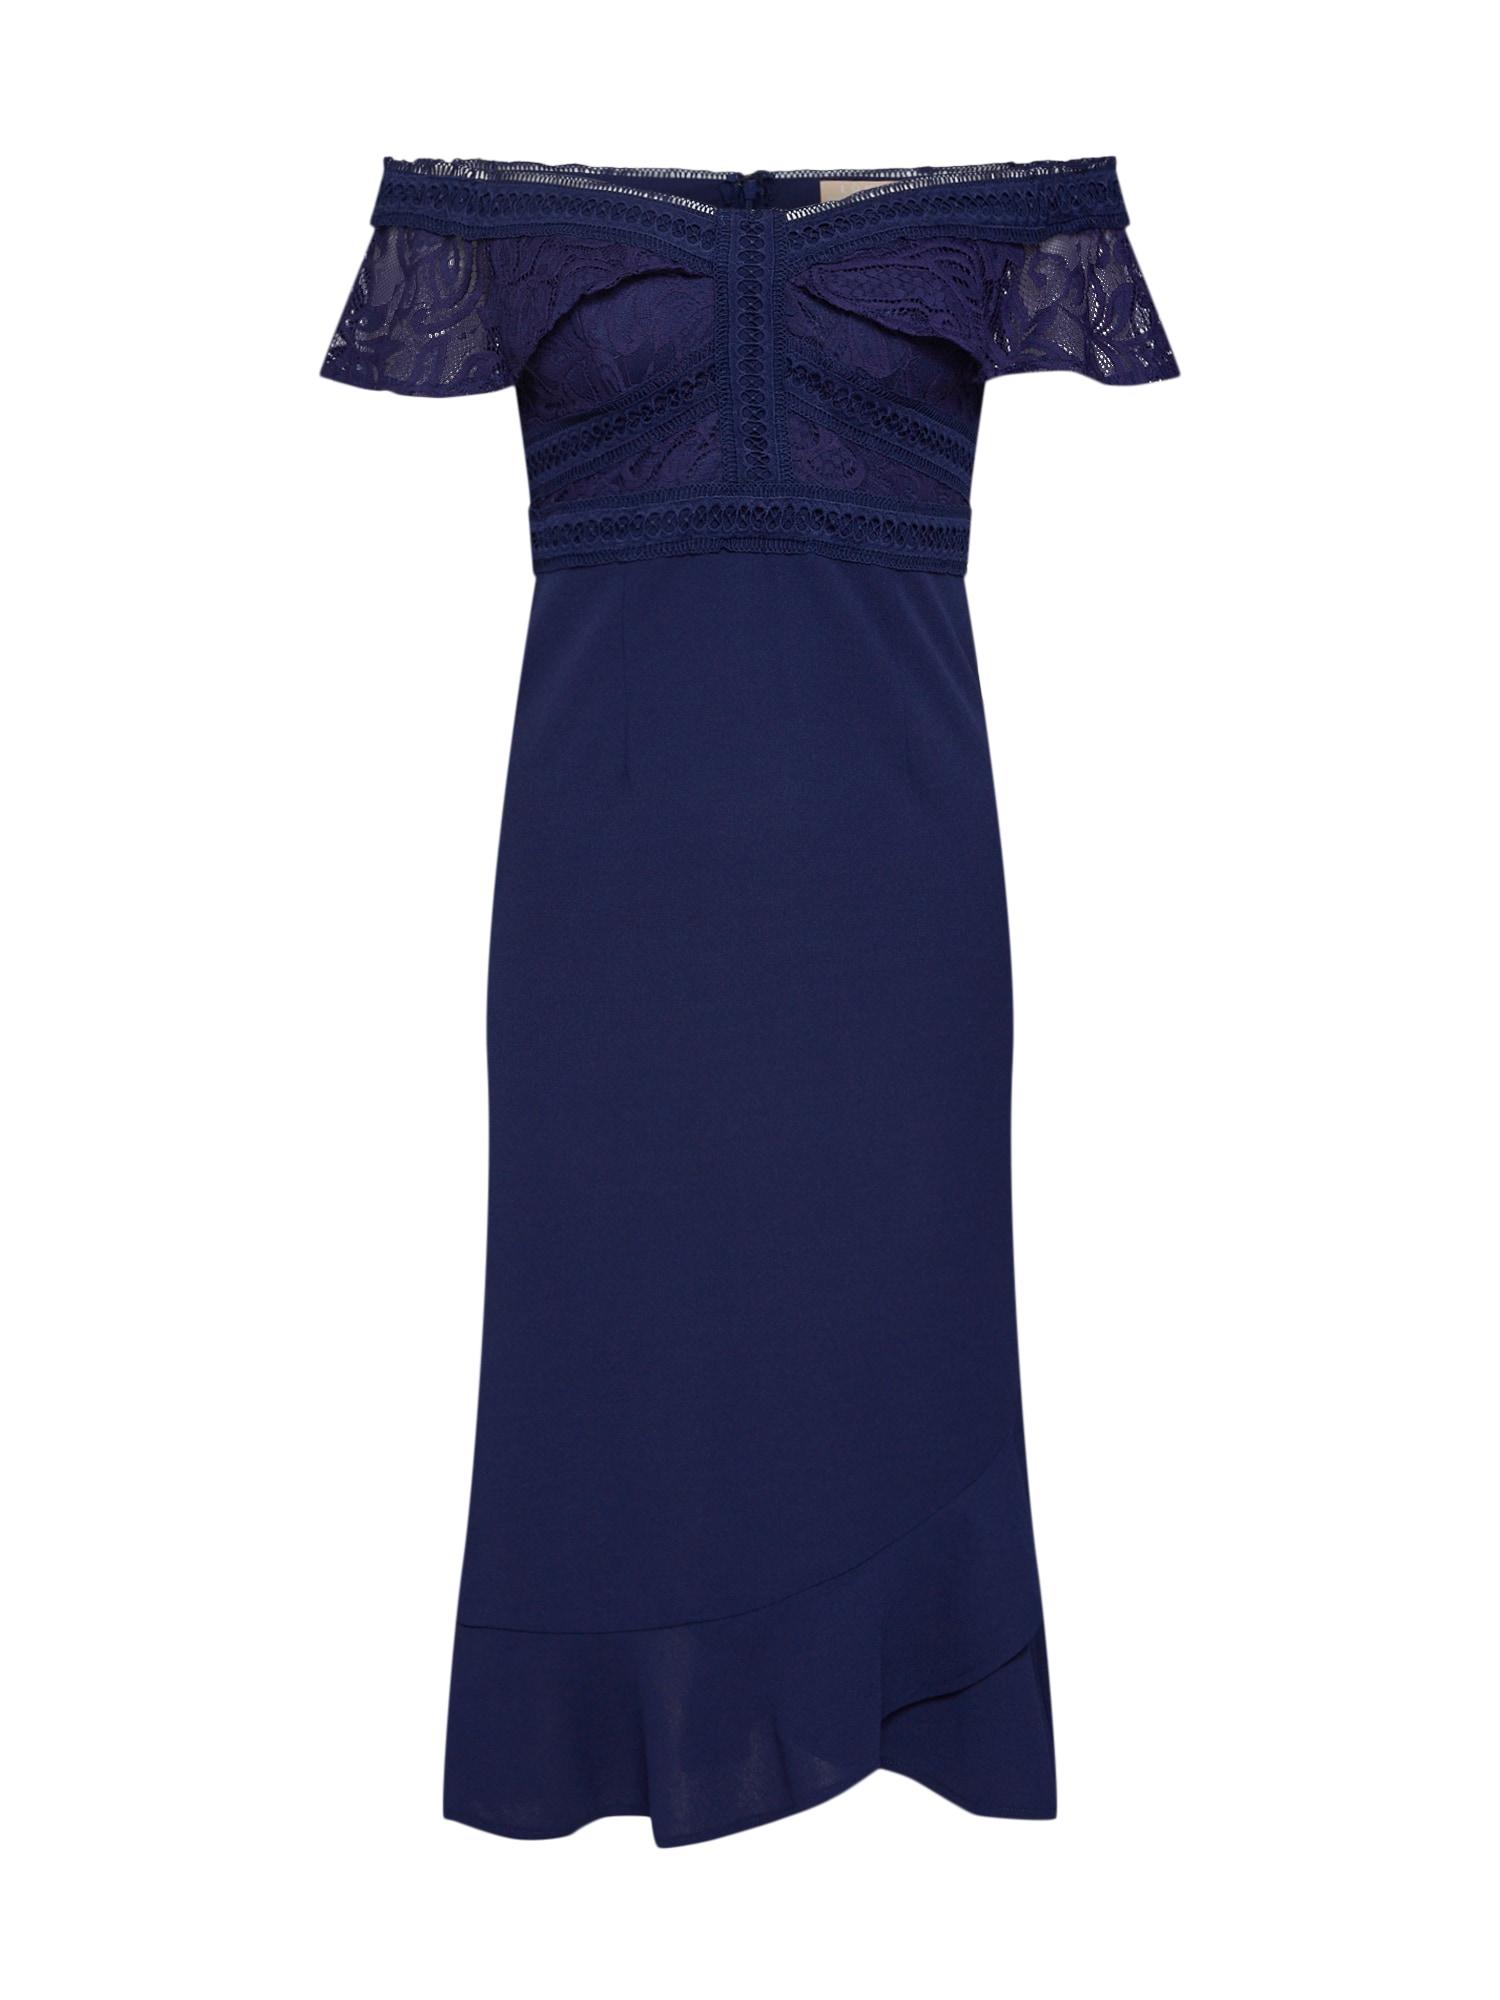 Koktejlové šaty Reign Supreme námořnická modř Love Triangle